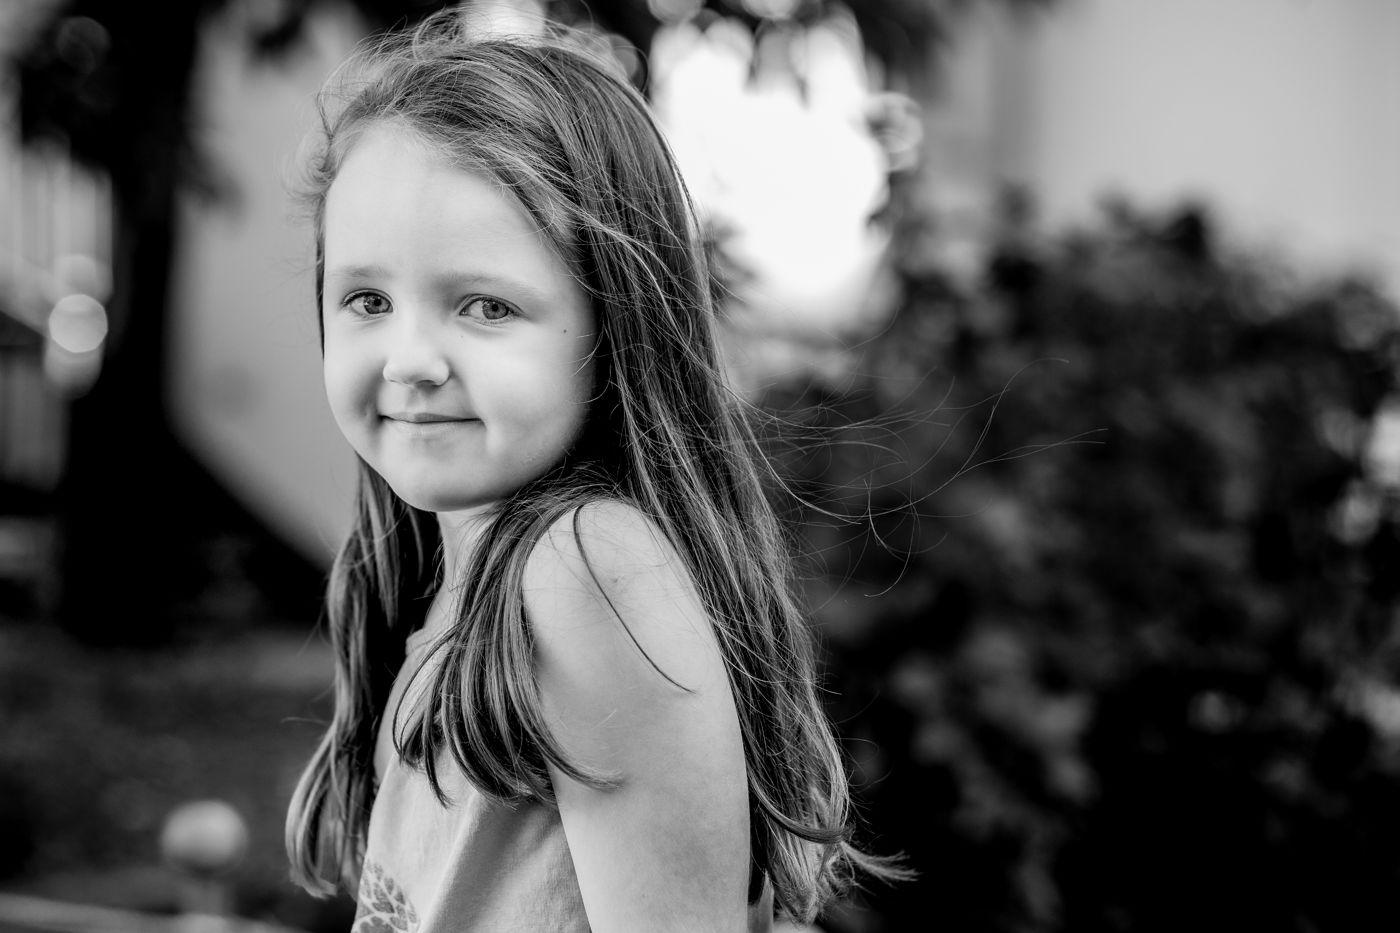 Kindergartenfotos  KindergartenfotografieKleinen